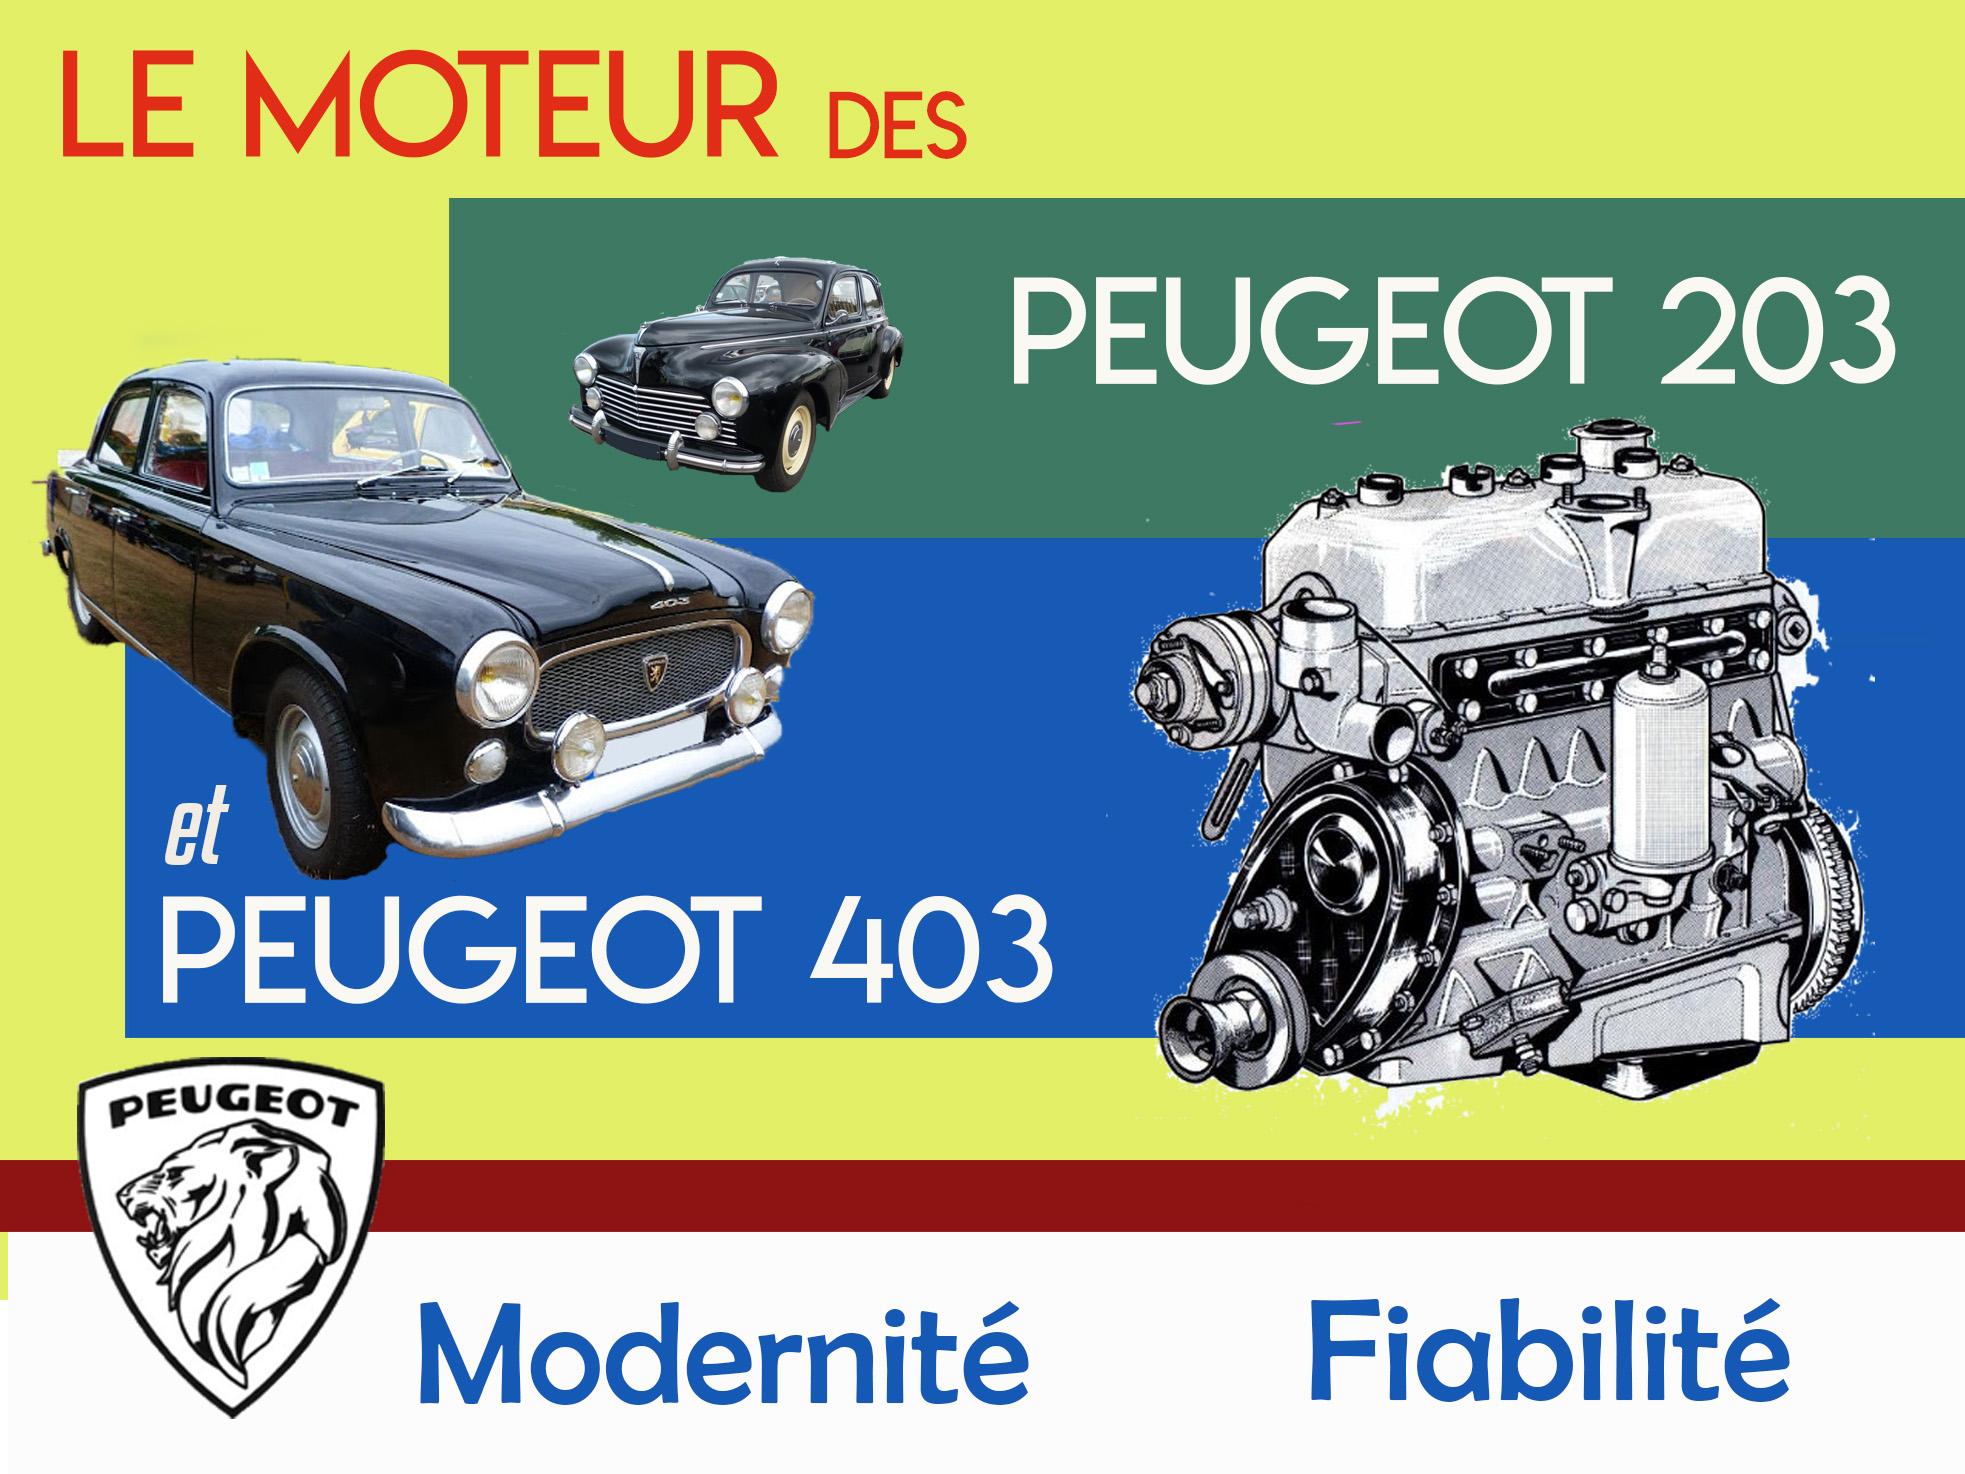 Peugeot 203 / Peugeot 403